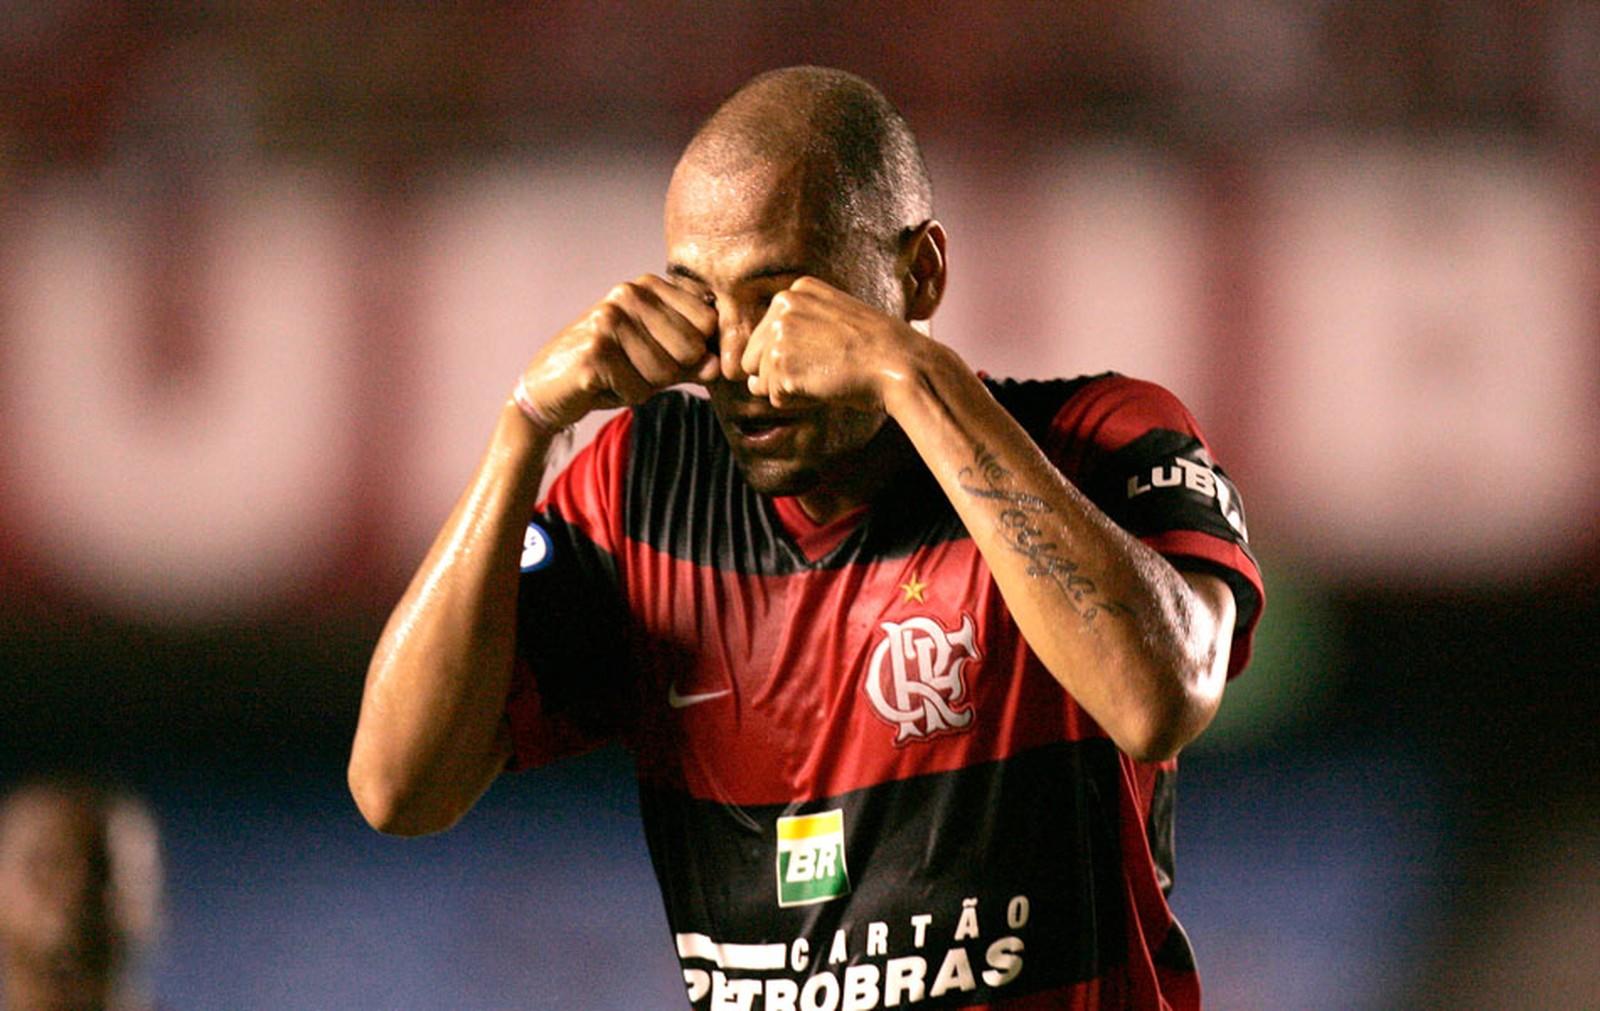 O adeus do Caveirão: aos 36 anos, Souza confirma aposentadoria dos gramados